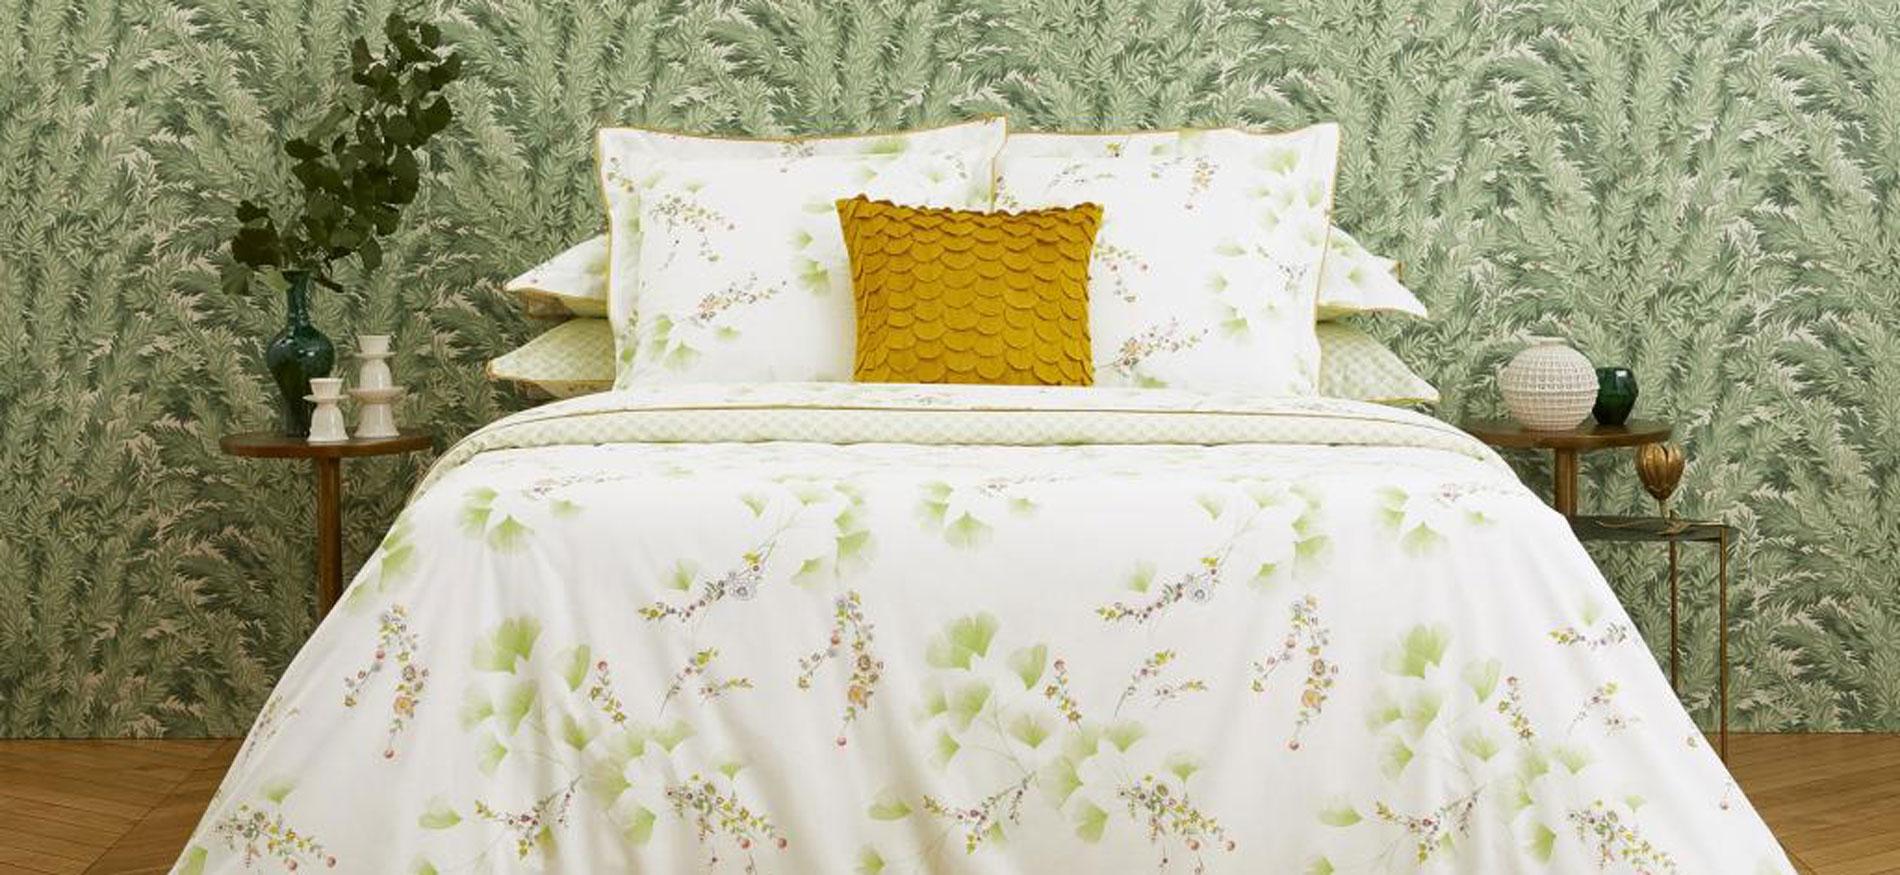 Mit Yves Delorme Bettwäsche wunderbar einschlafen